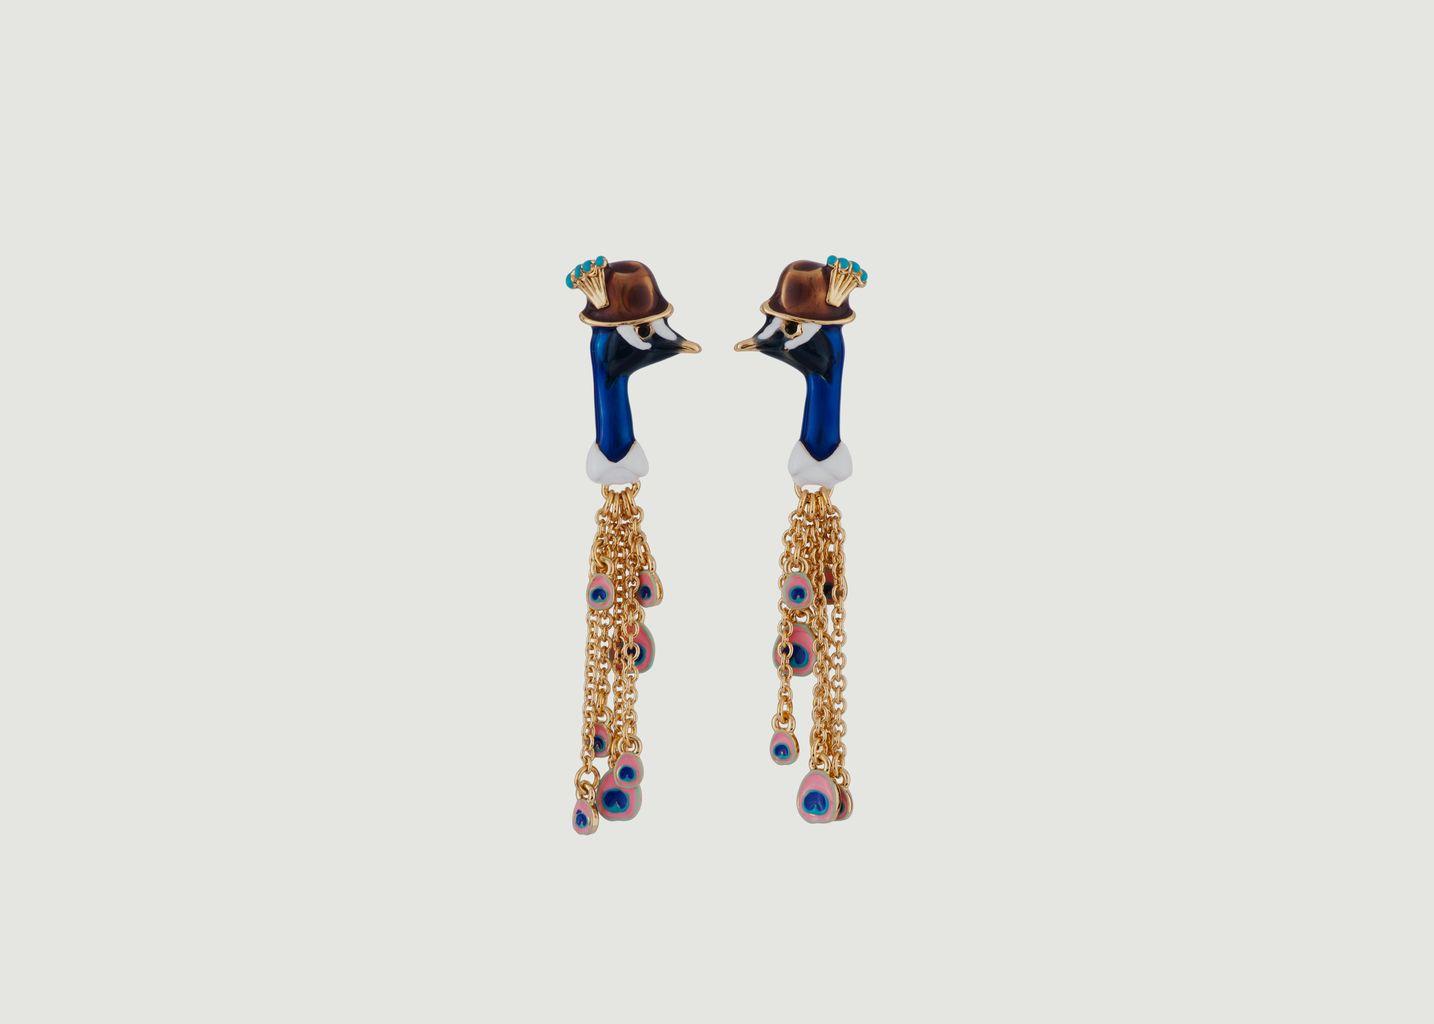 Nicely Happy Peacock Earrings - N2